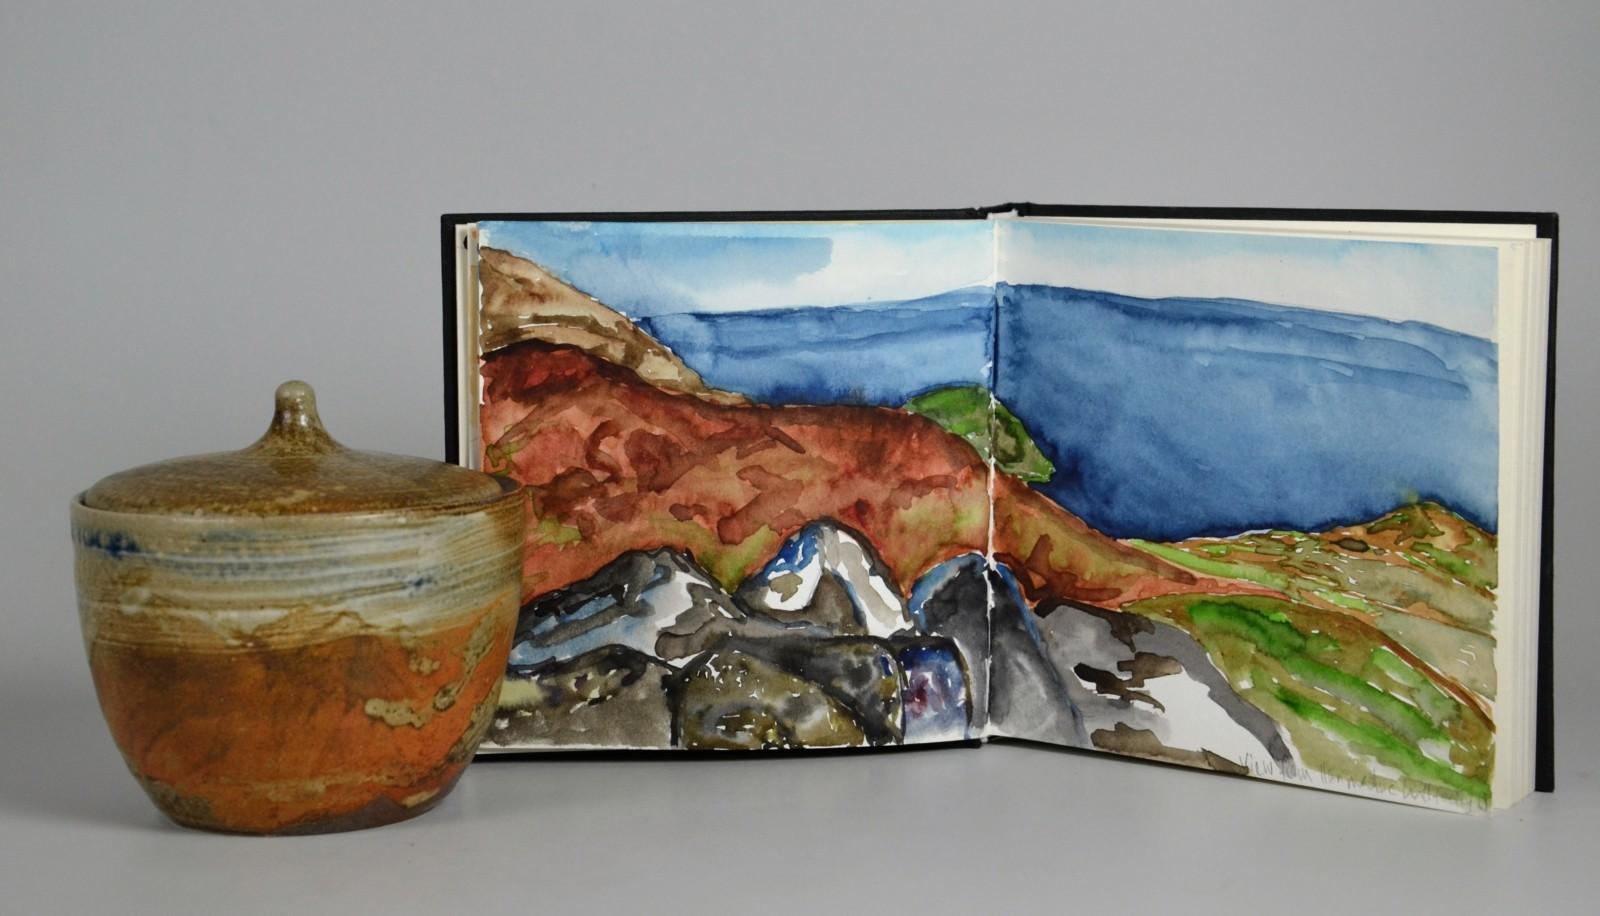 Salzglasierte Keramik  und Aquarell Gemäde Landschaft 2